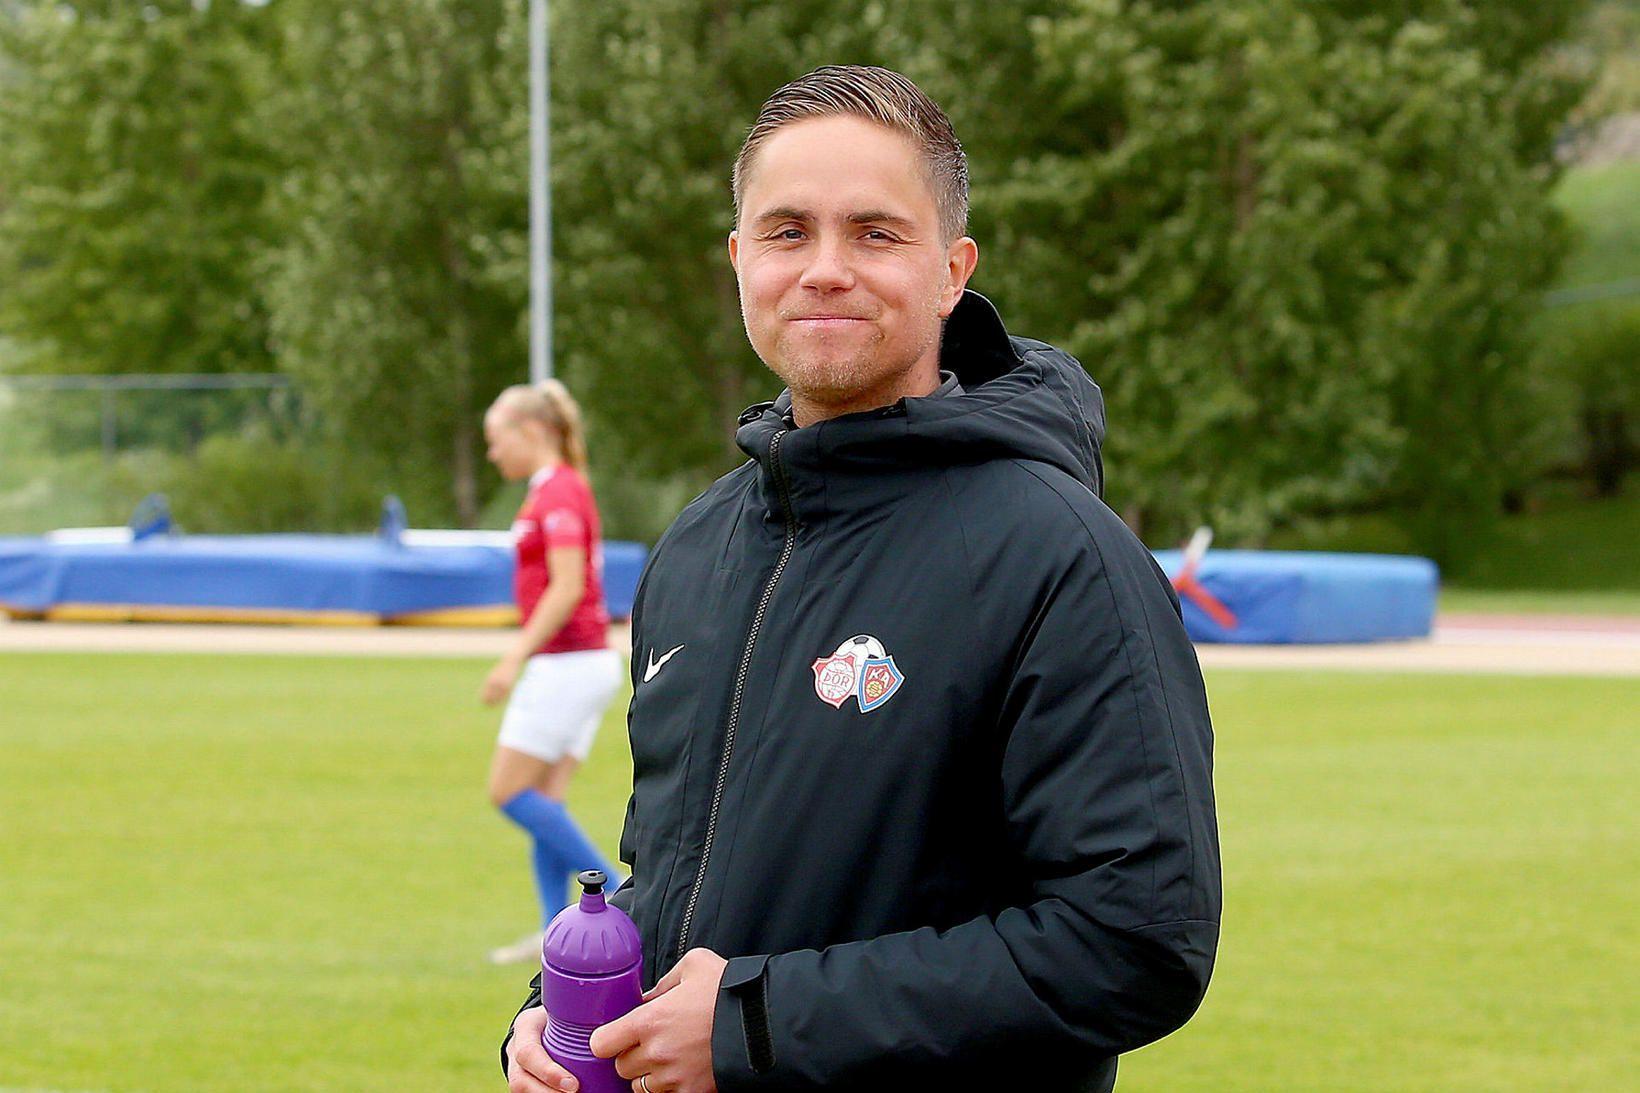 Halldór Jón Sigurðsson